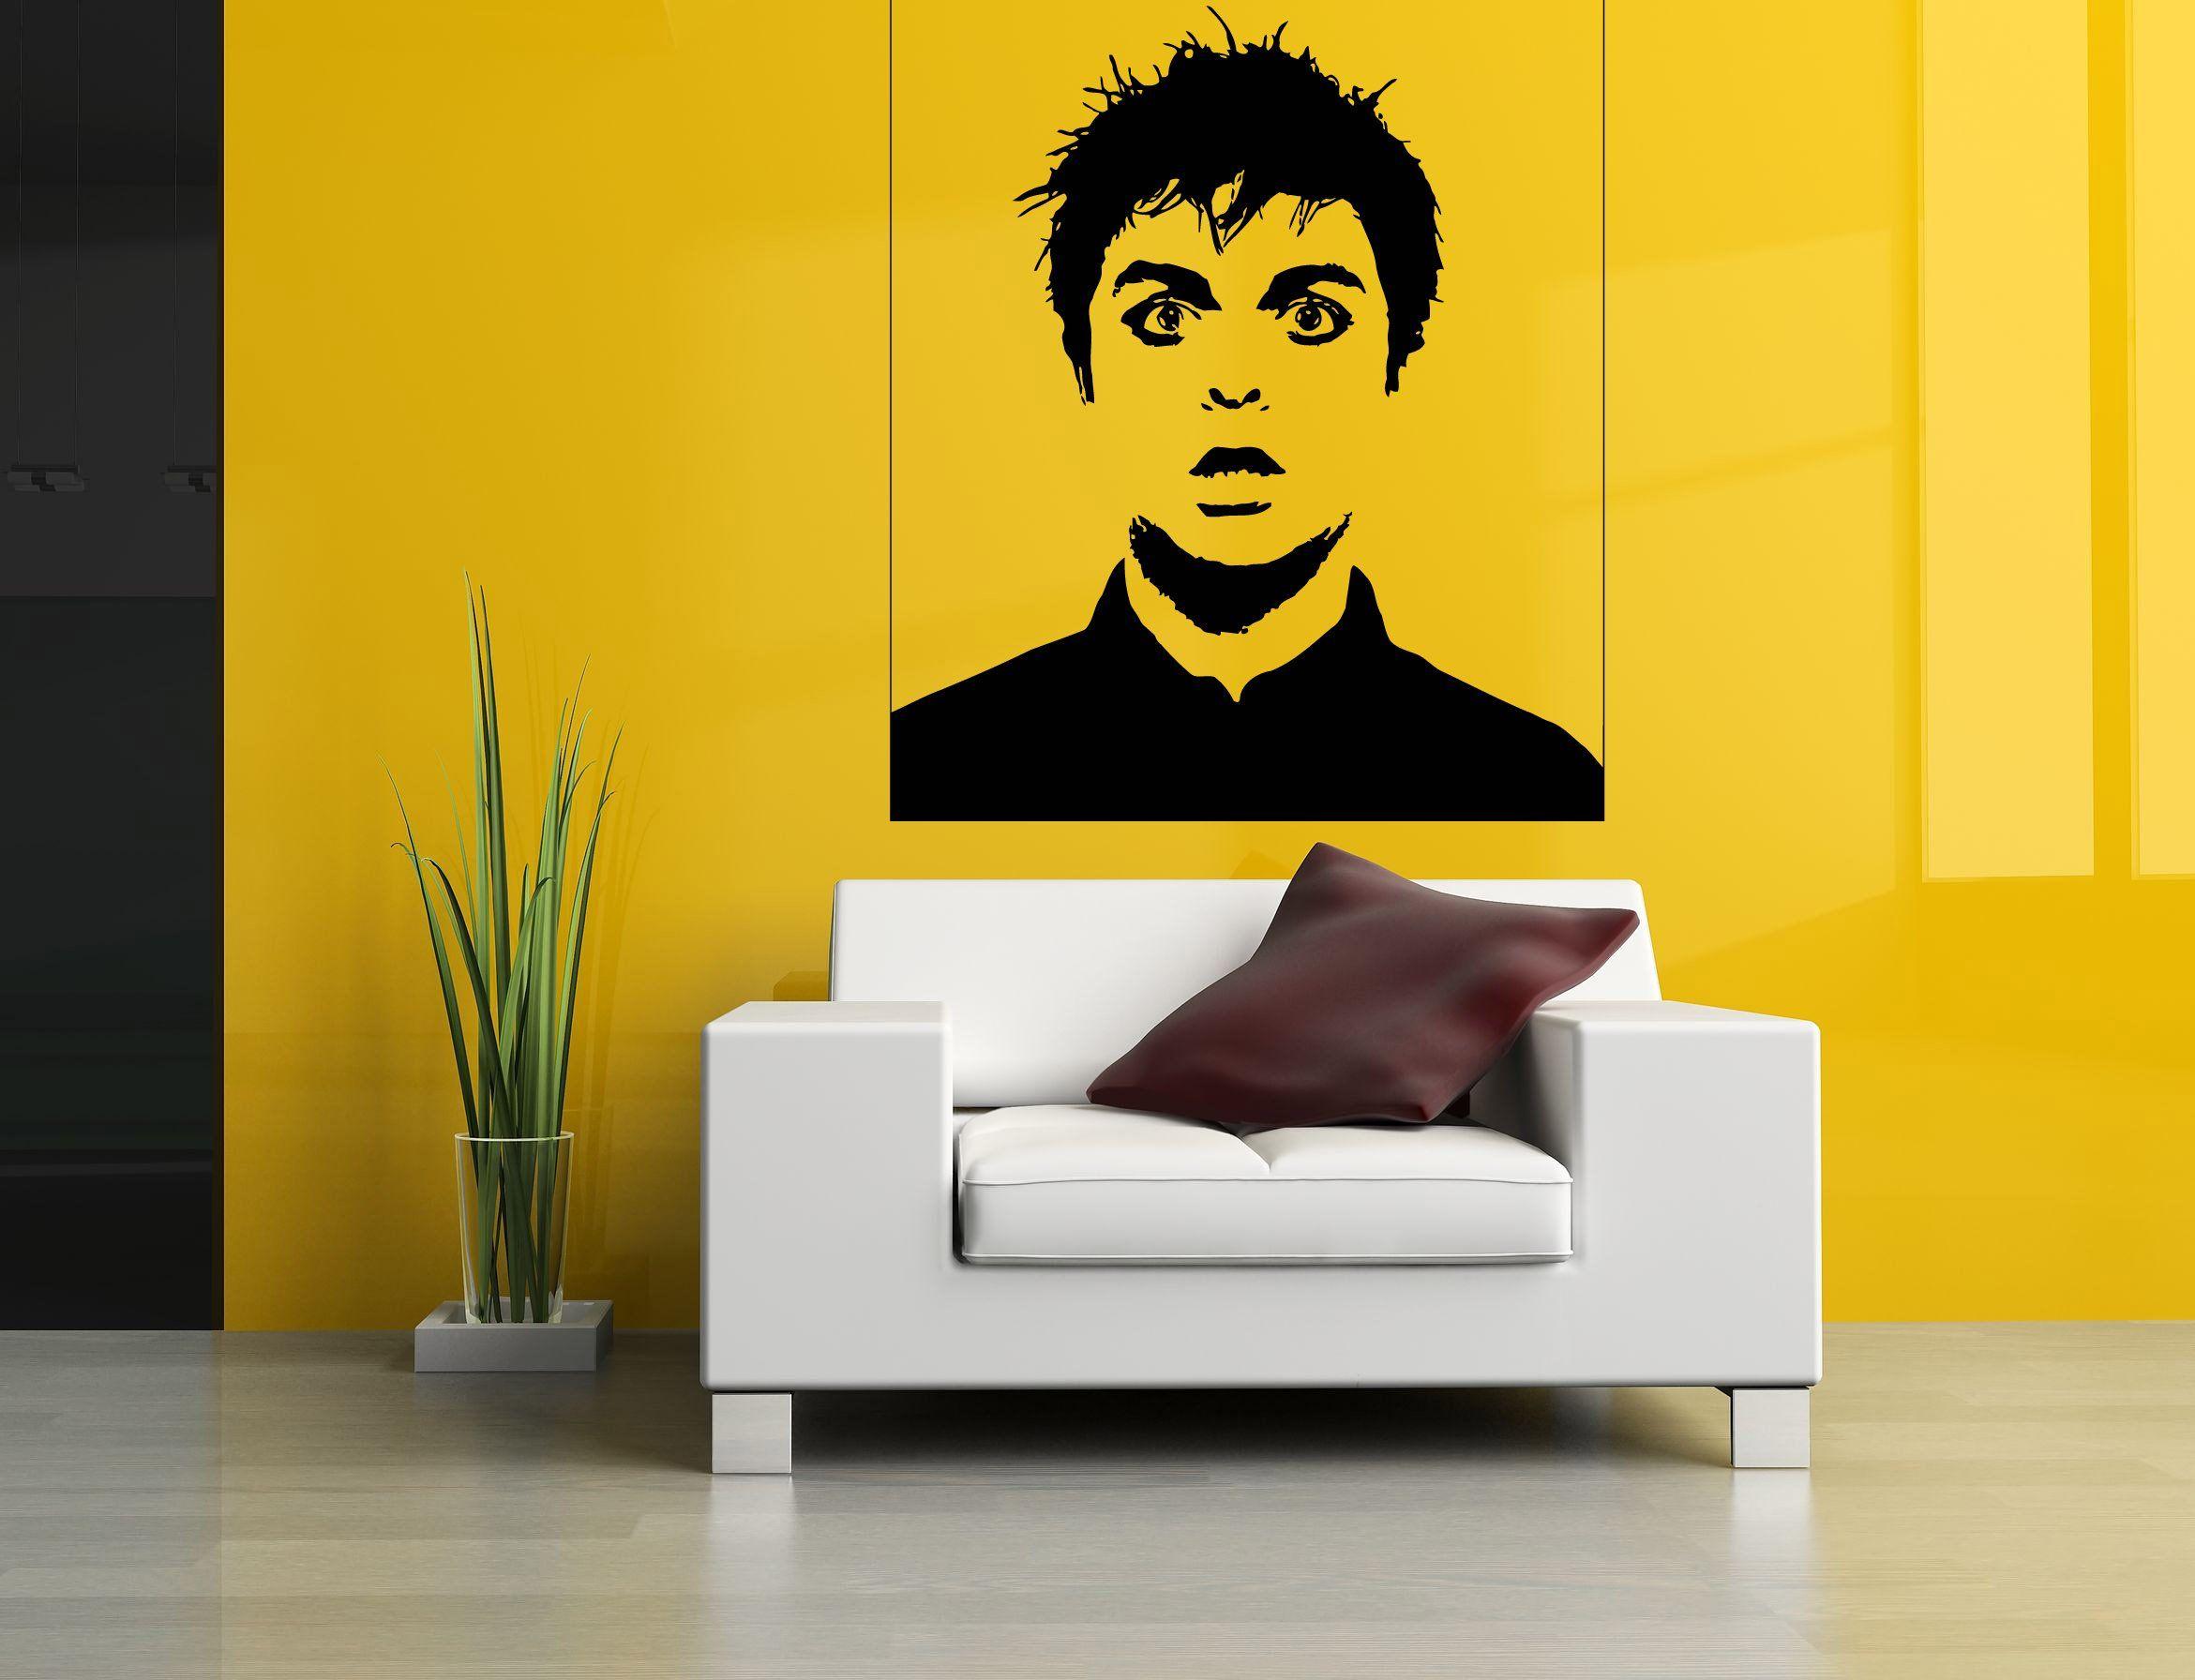 Wall Room Decor Art Vinyl Decal Sticker Singer Musi… | Wall Room ...